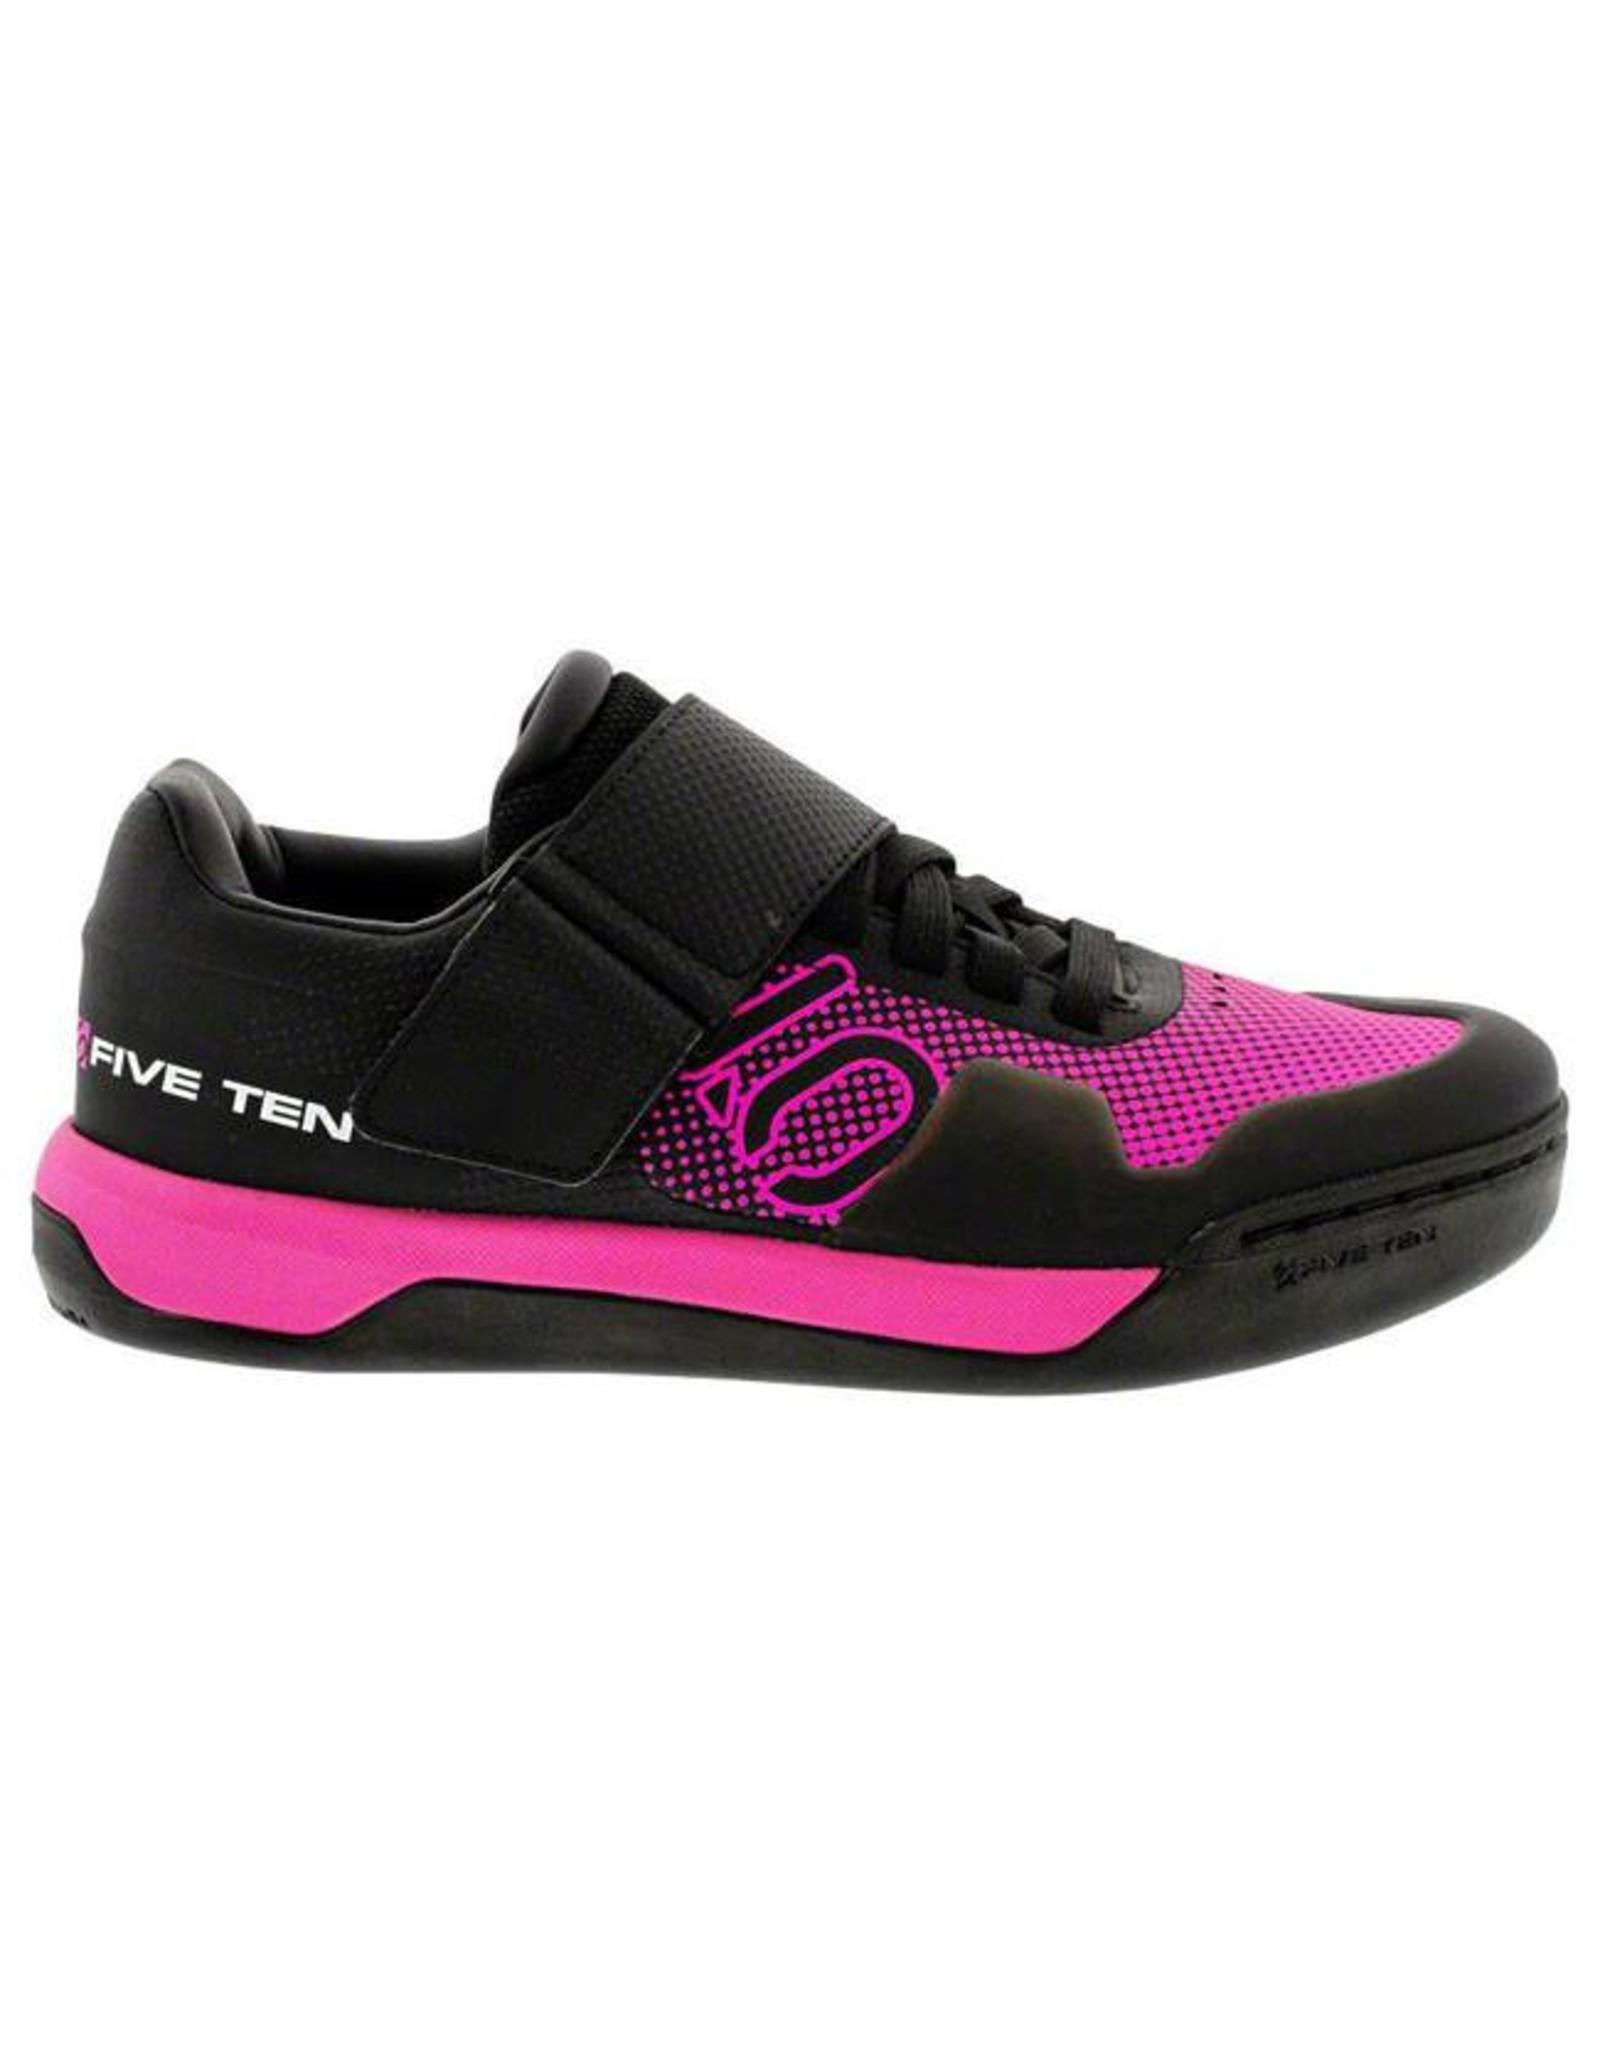 Five Ten Five Ten Hellcat Pro Women's Clipless/Flat Pedal Shoe: Shock Pink 10